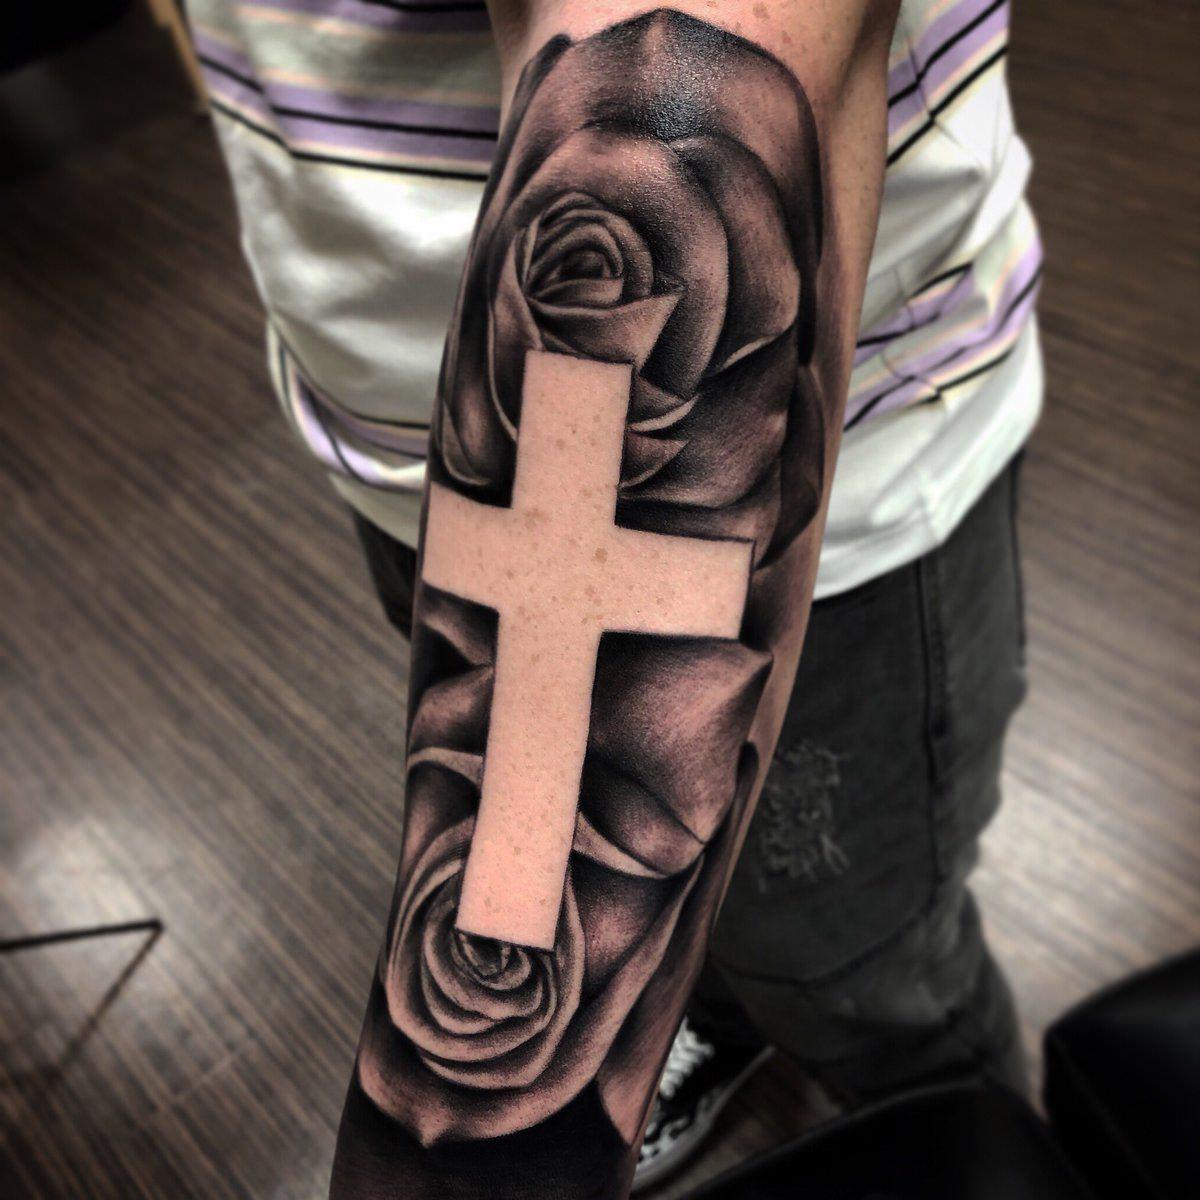 Tatuagem no braço de cruz e rosas